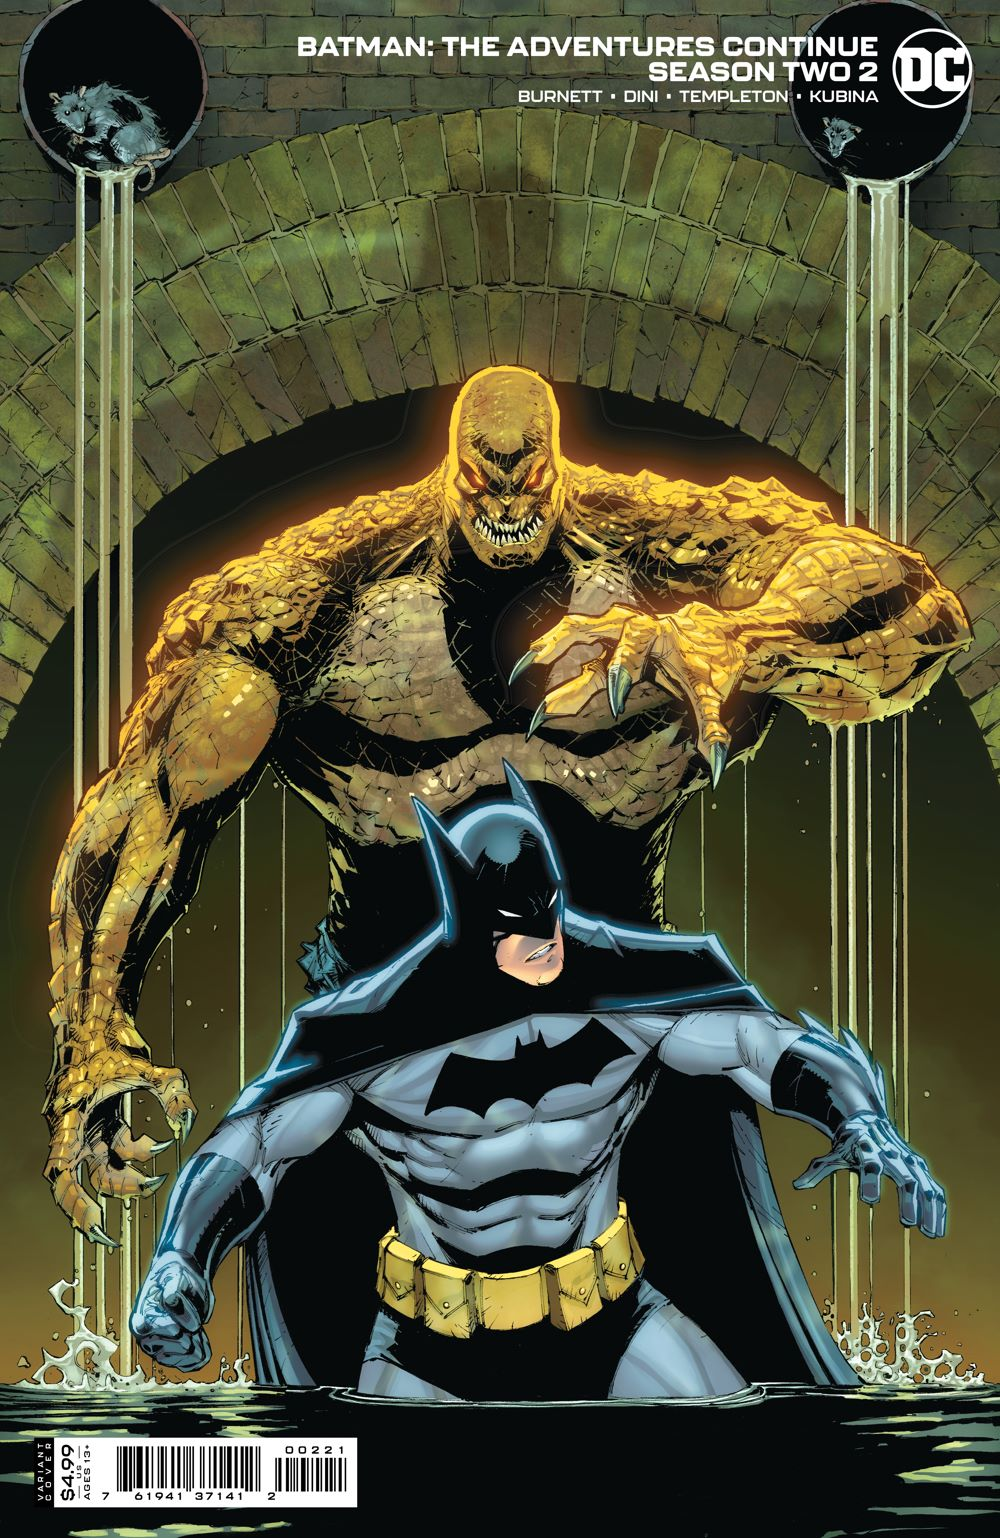 BMTACS2_Cv2_var DC Comics July 2021 Solicitations